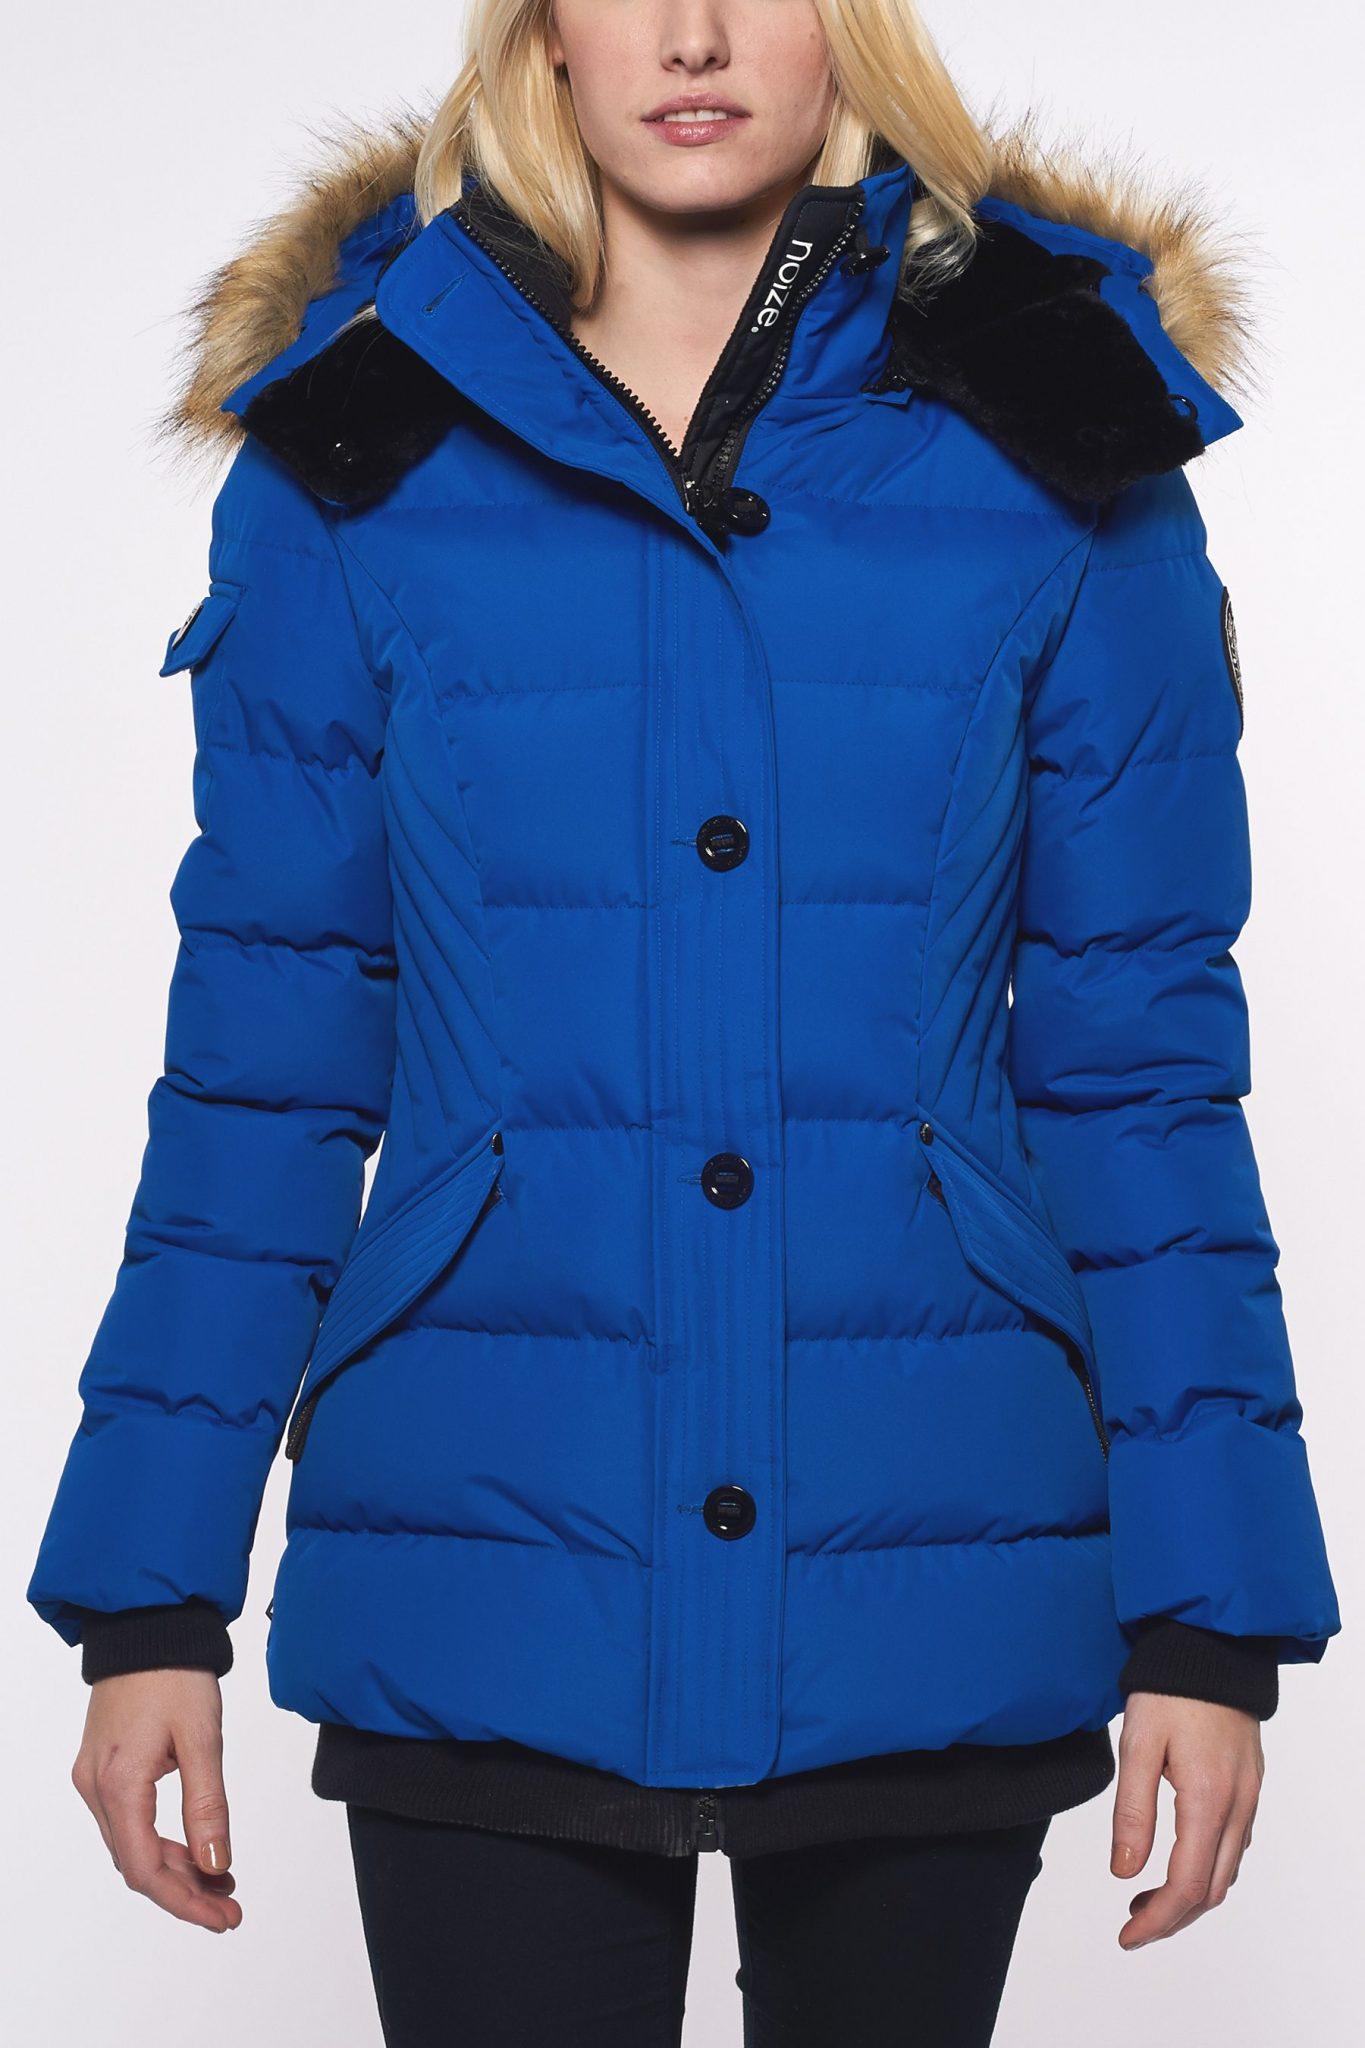 aspen noize jacket